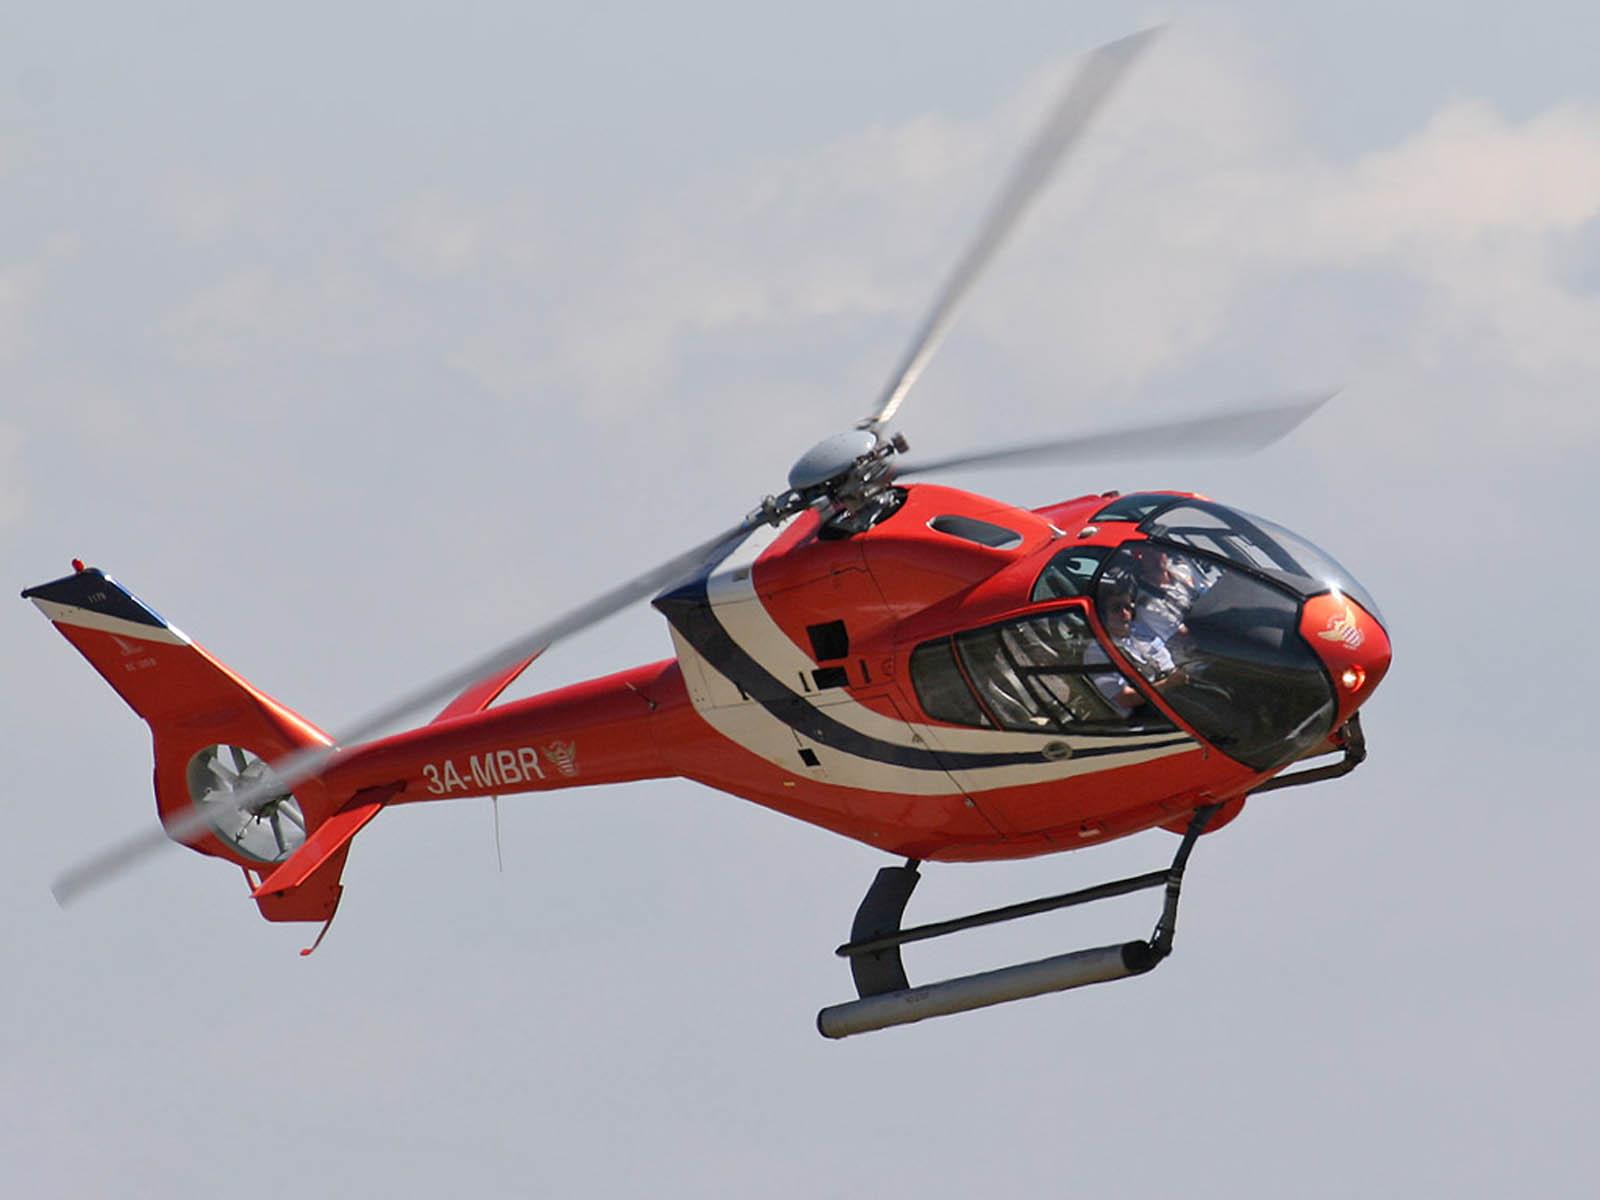 http://4.bp.blogspot.com/-wsHPNFHAPog/UDHmD82lr-I/AAAAAAAAHrY/4bmCp2H6LtM/s1600/Eurocopter+EC+120+Wallpapers+3.jpg